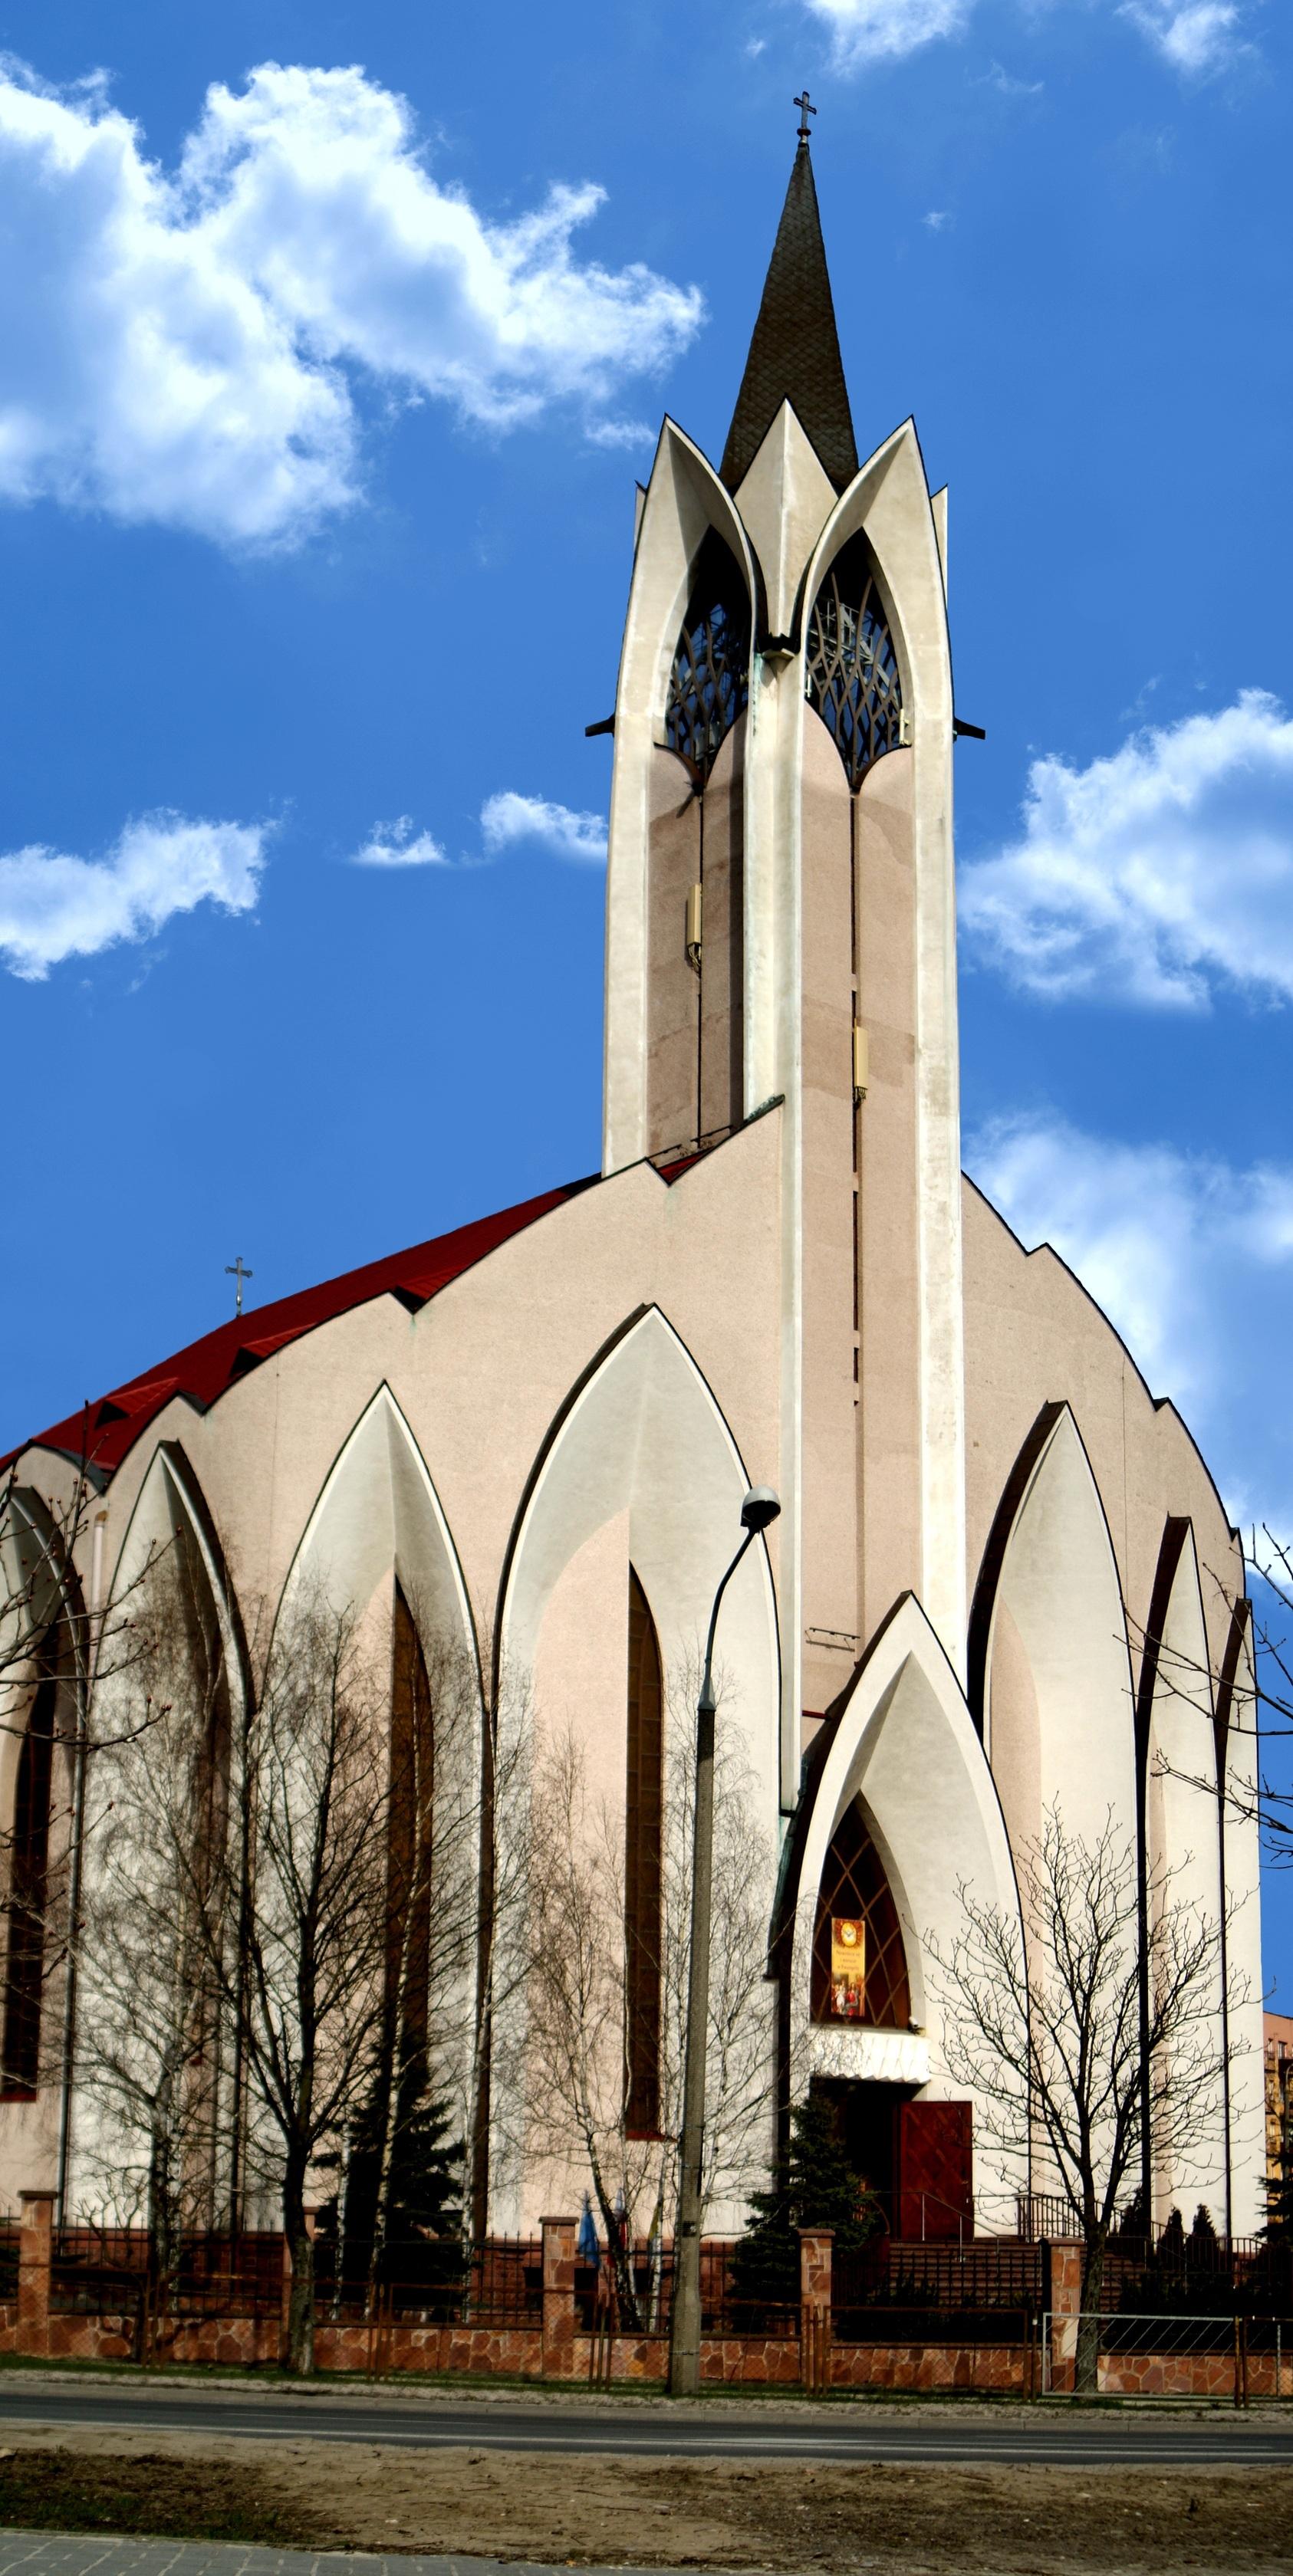 Kurtarıcı İsa Katedralinin kilise katedralleri salonu nedir